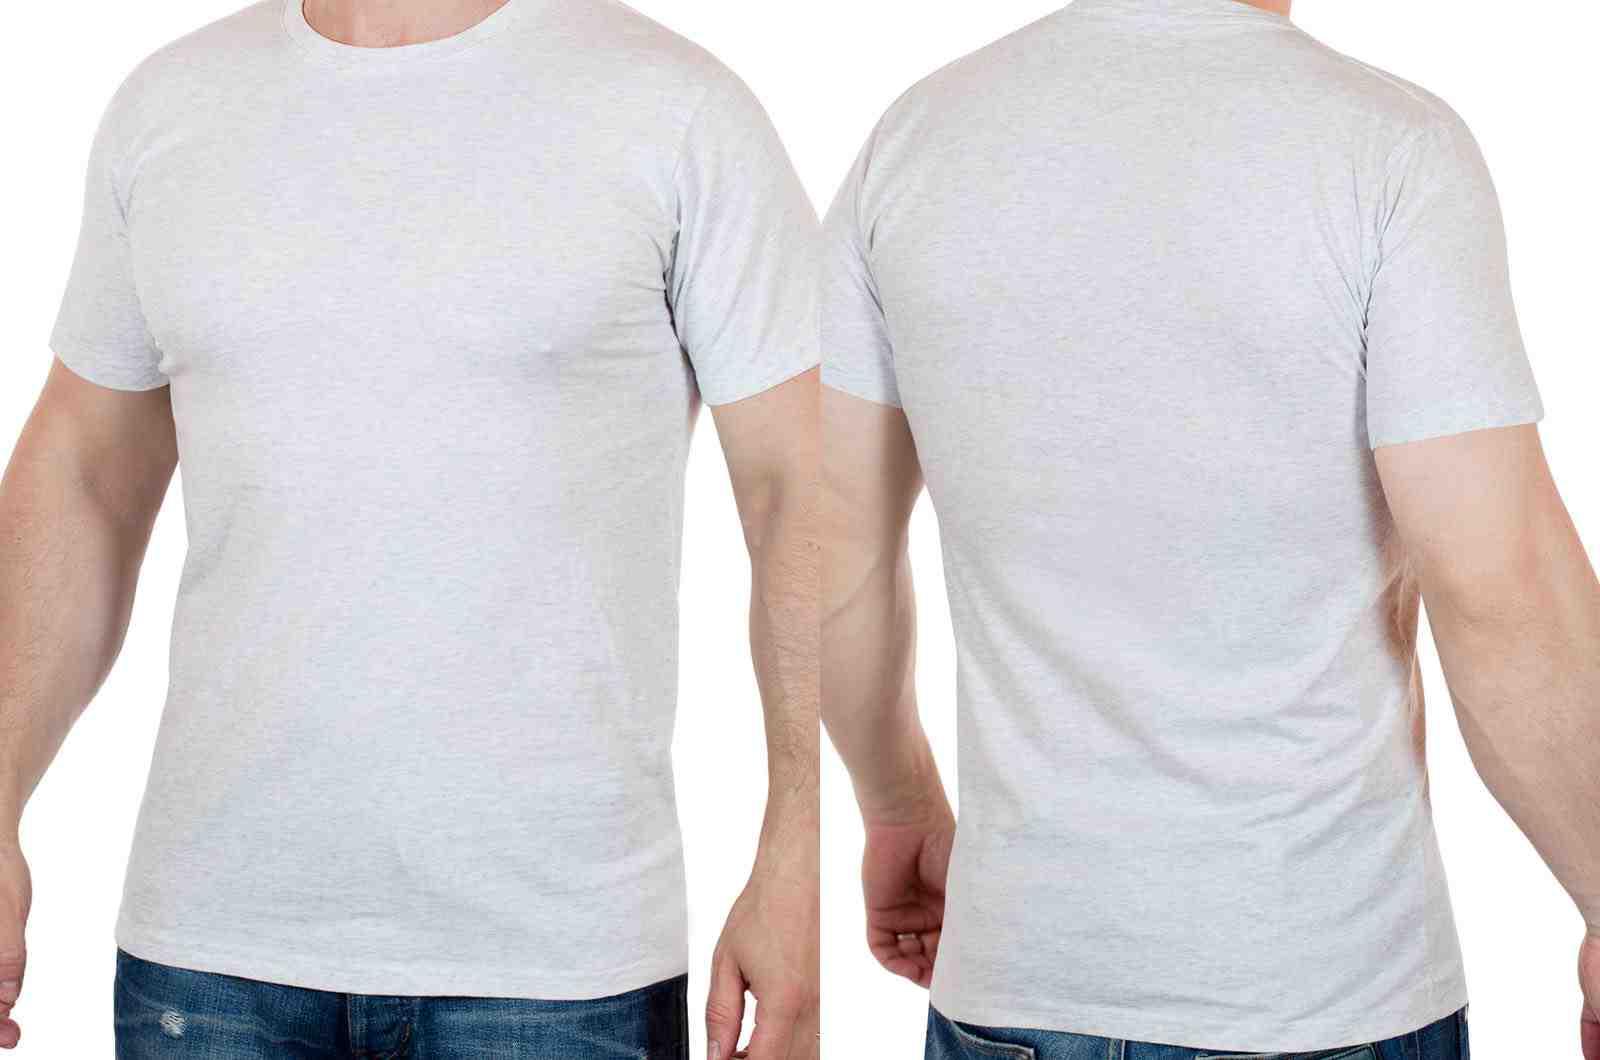 Мужская футболка от Academy - американский тренд-двойной ракурс